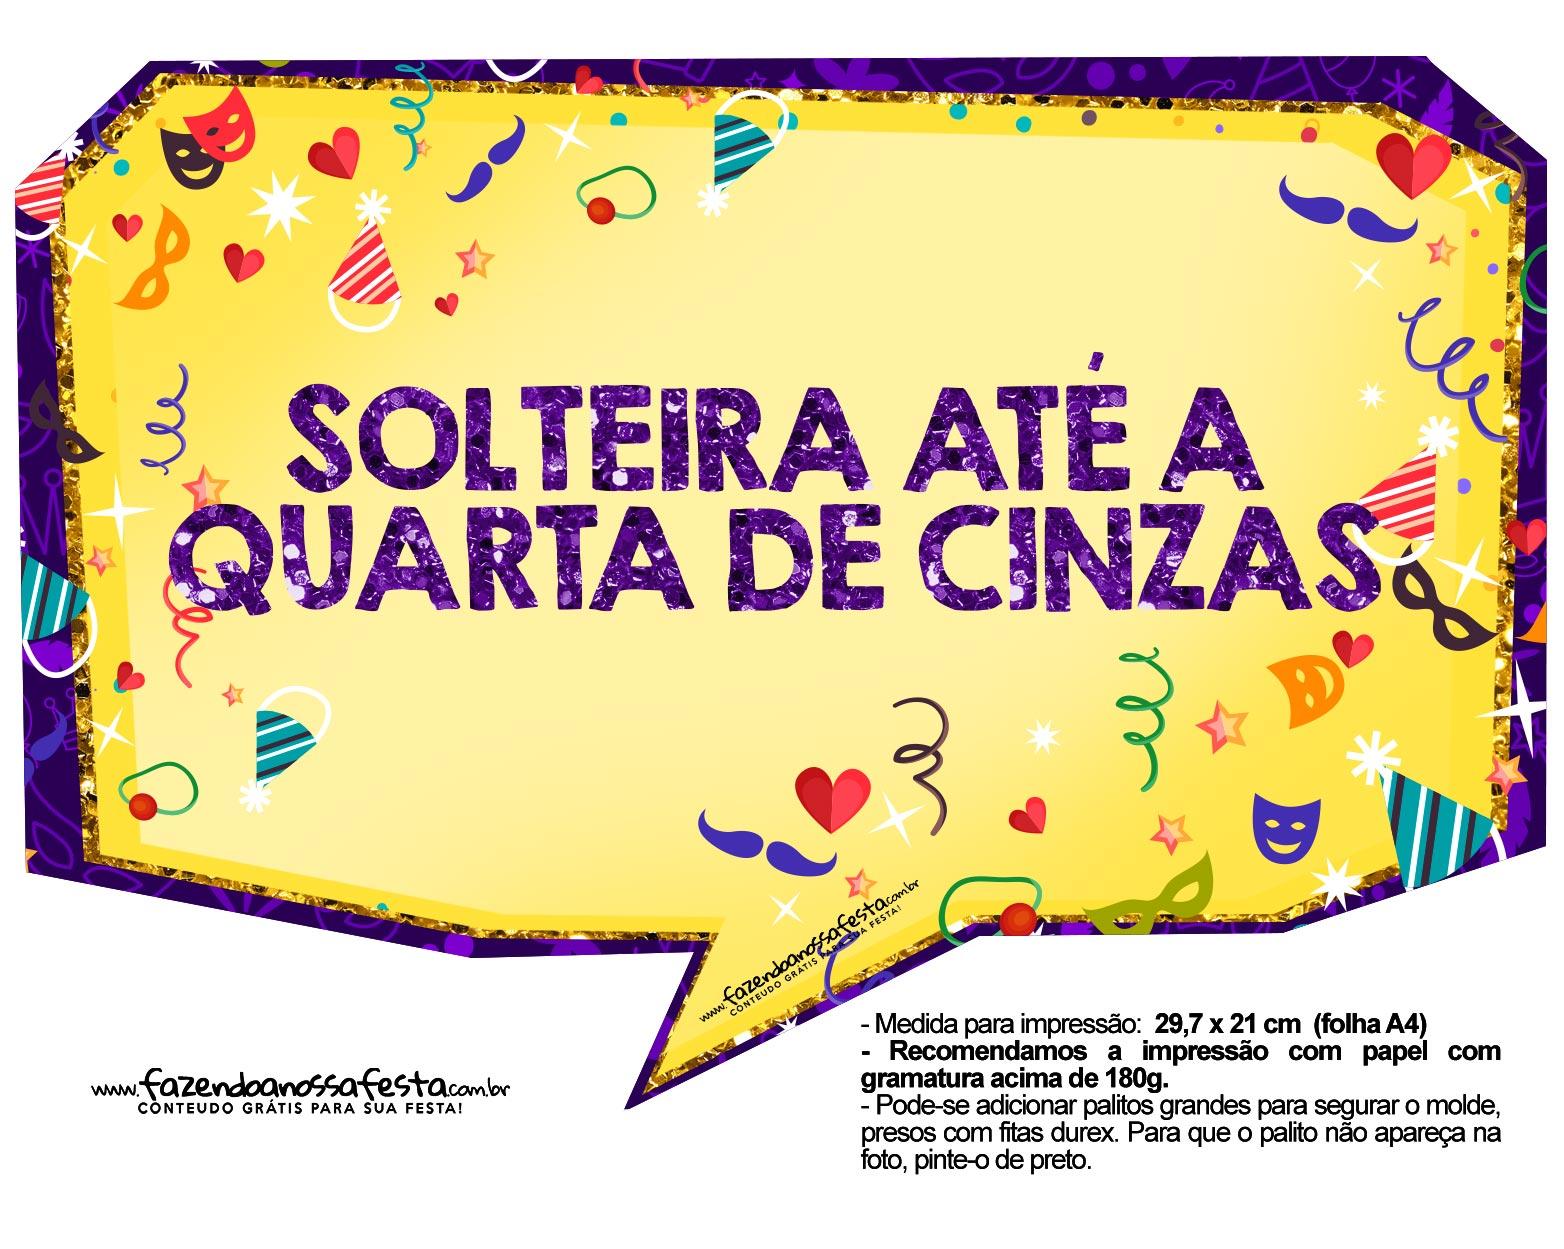 Plaquinhas divertidas de Carnaval gratis 23